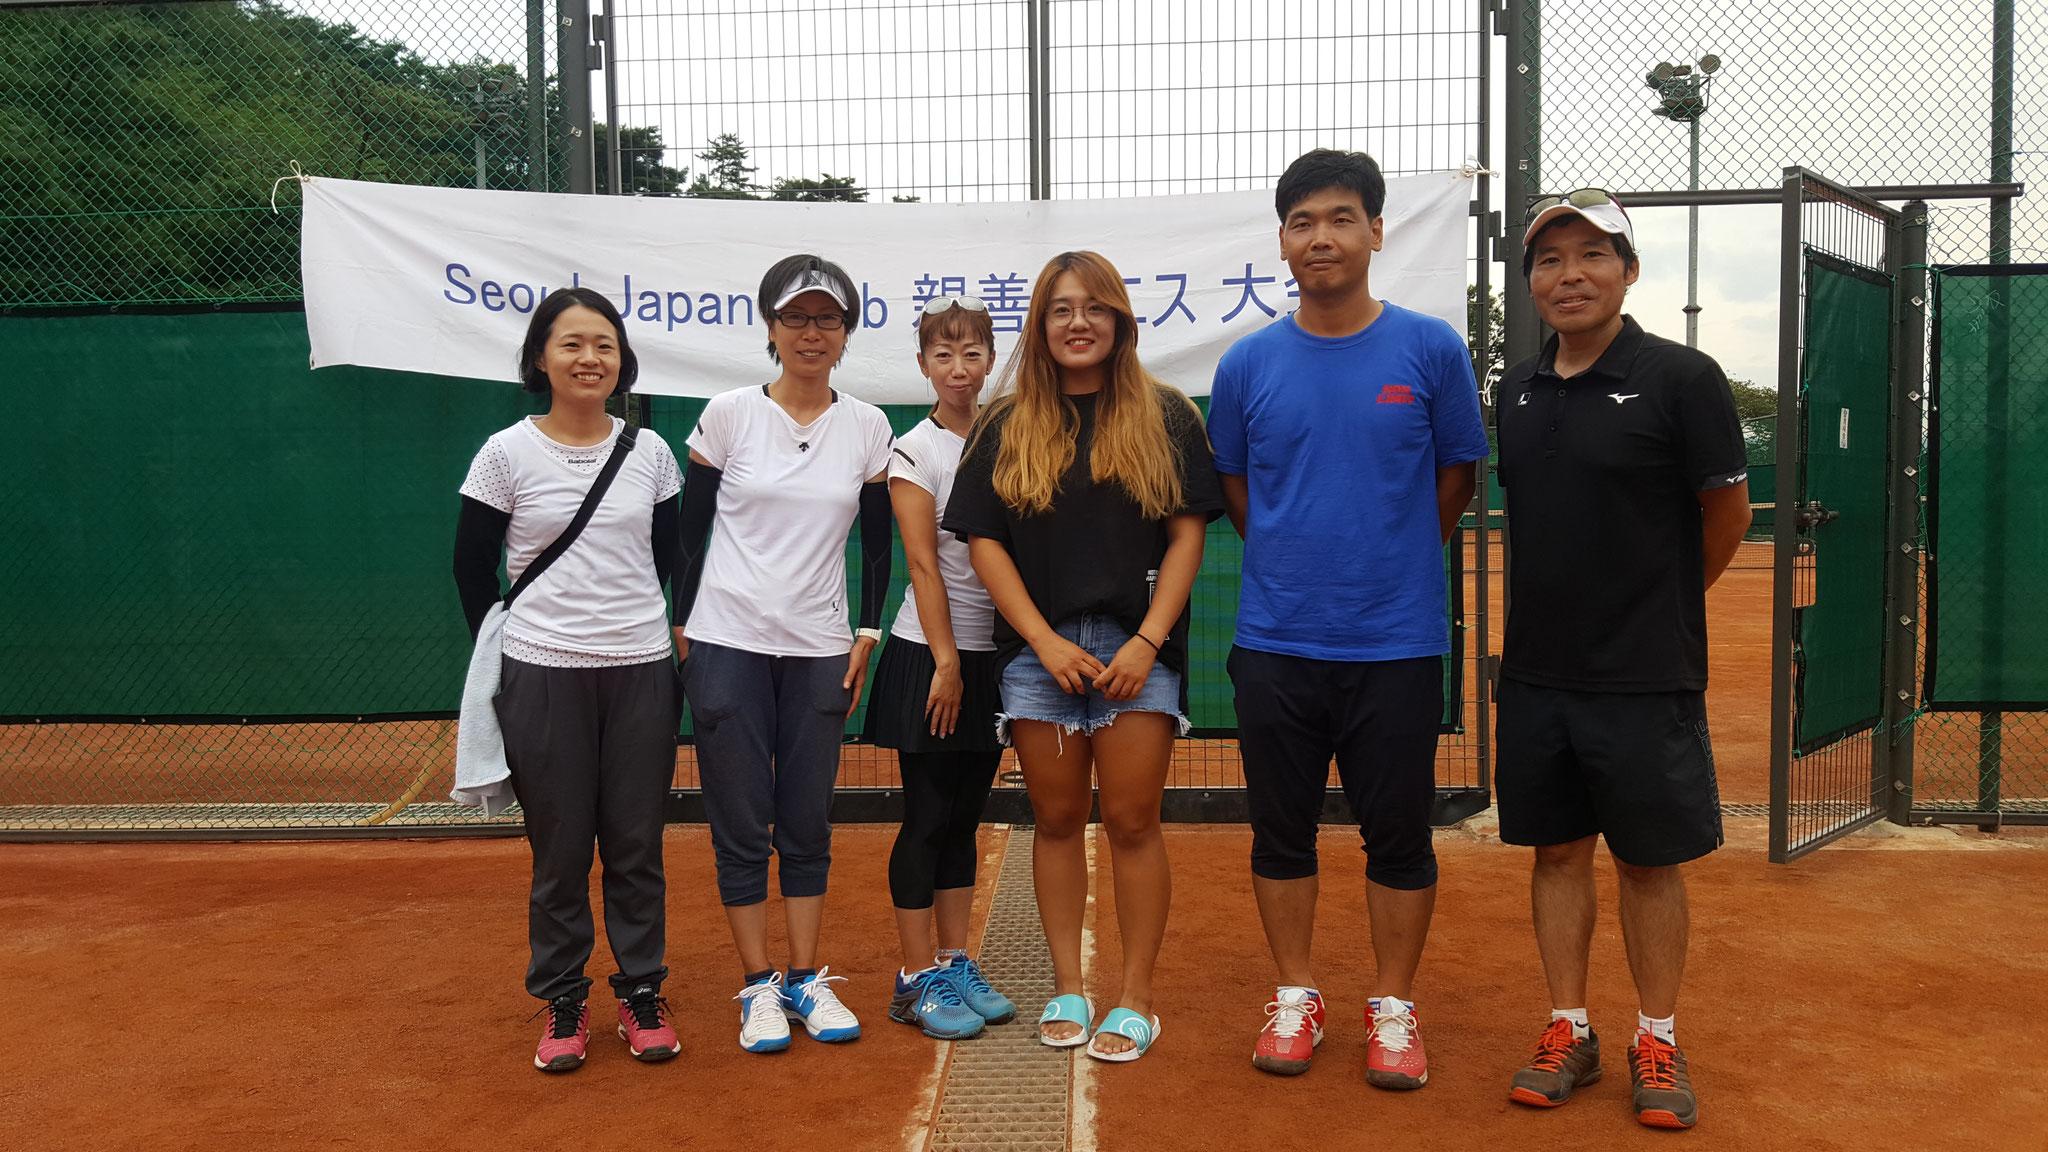 Aクラス・チーム  WannaOne (女性主体のチームです)